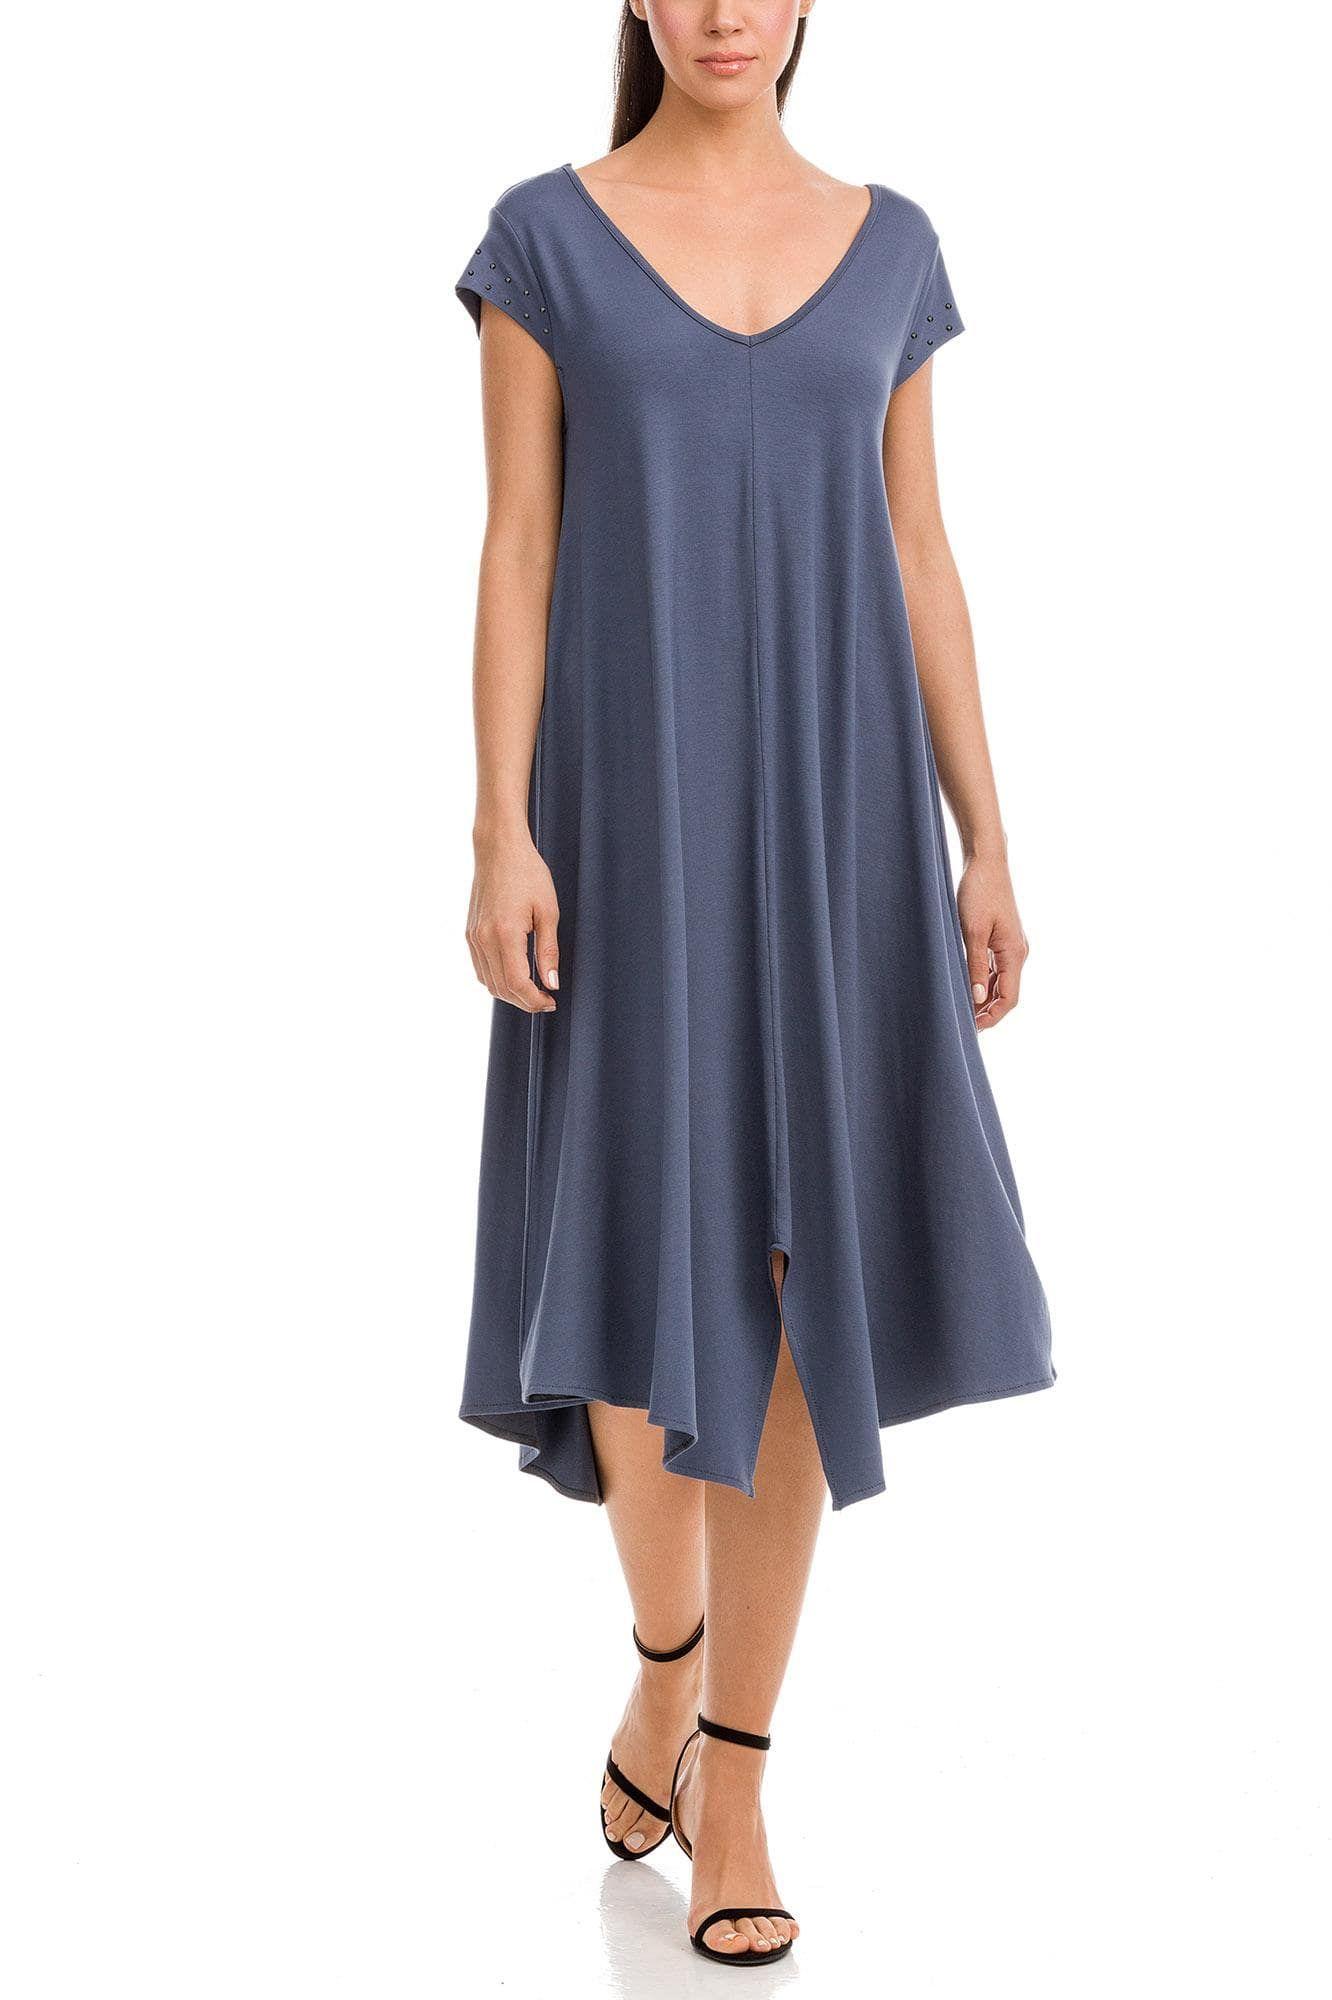 Φόρεμα Μονόχρωμο Ασύμμετρο